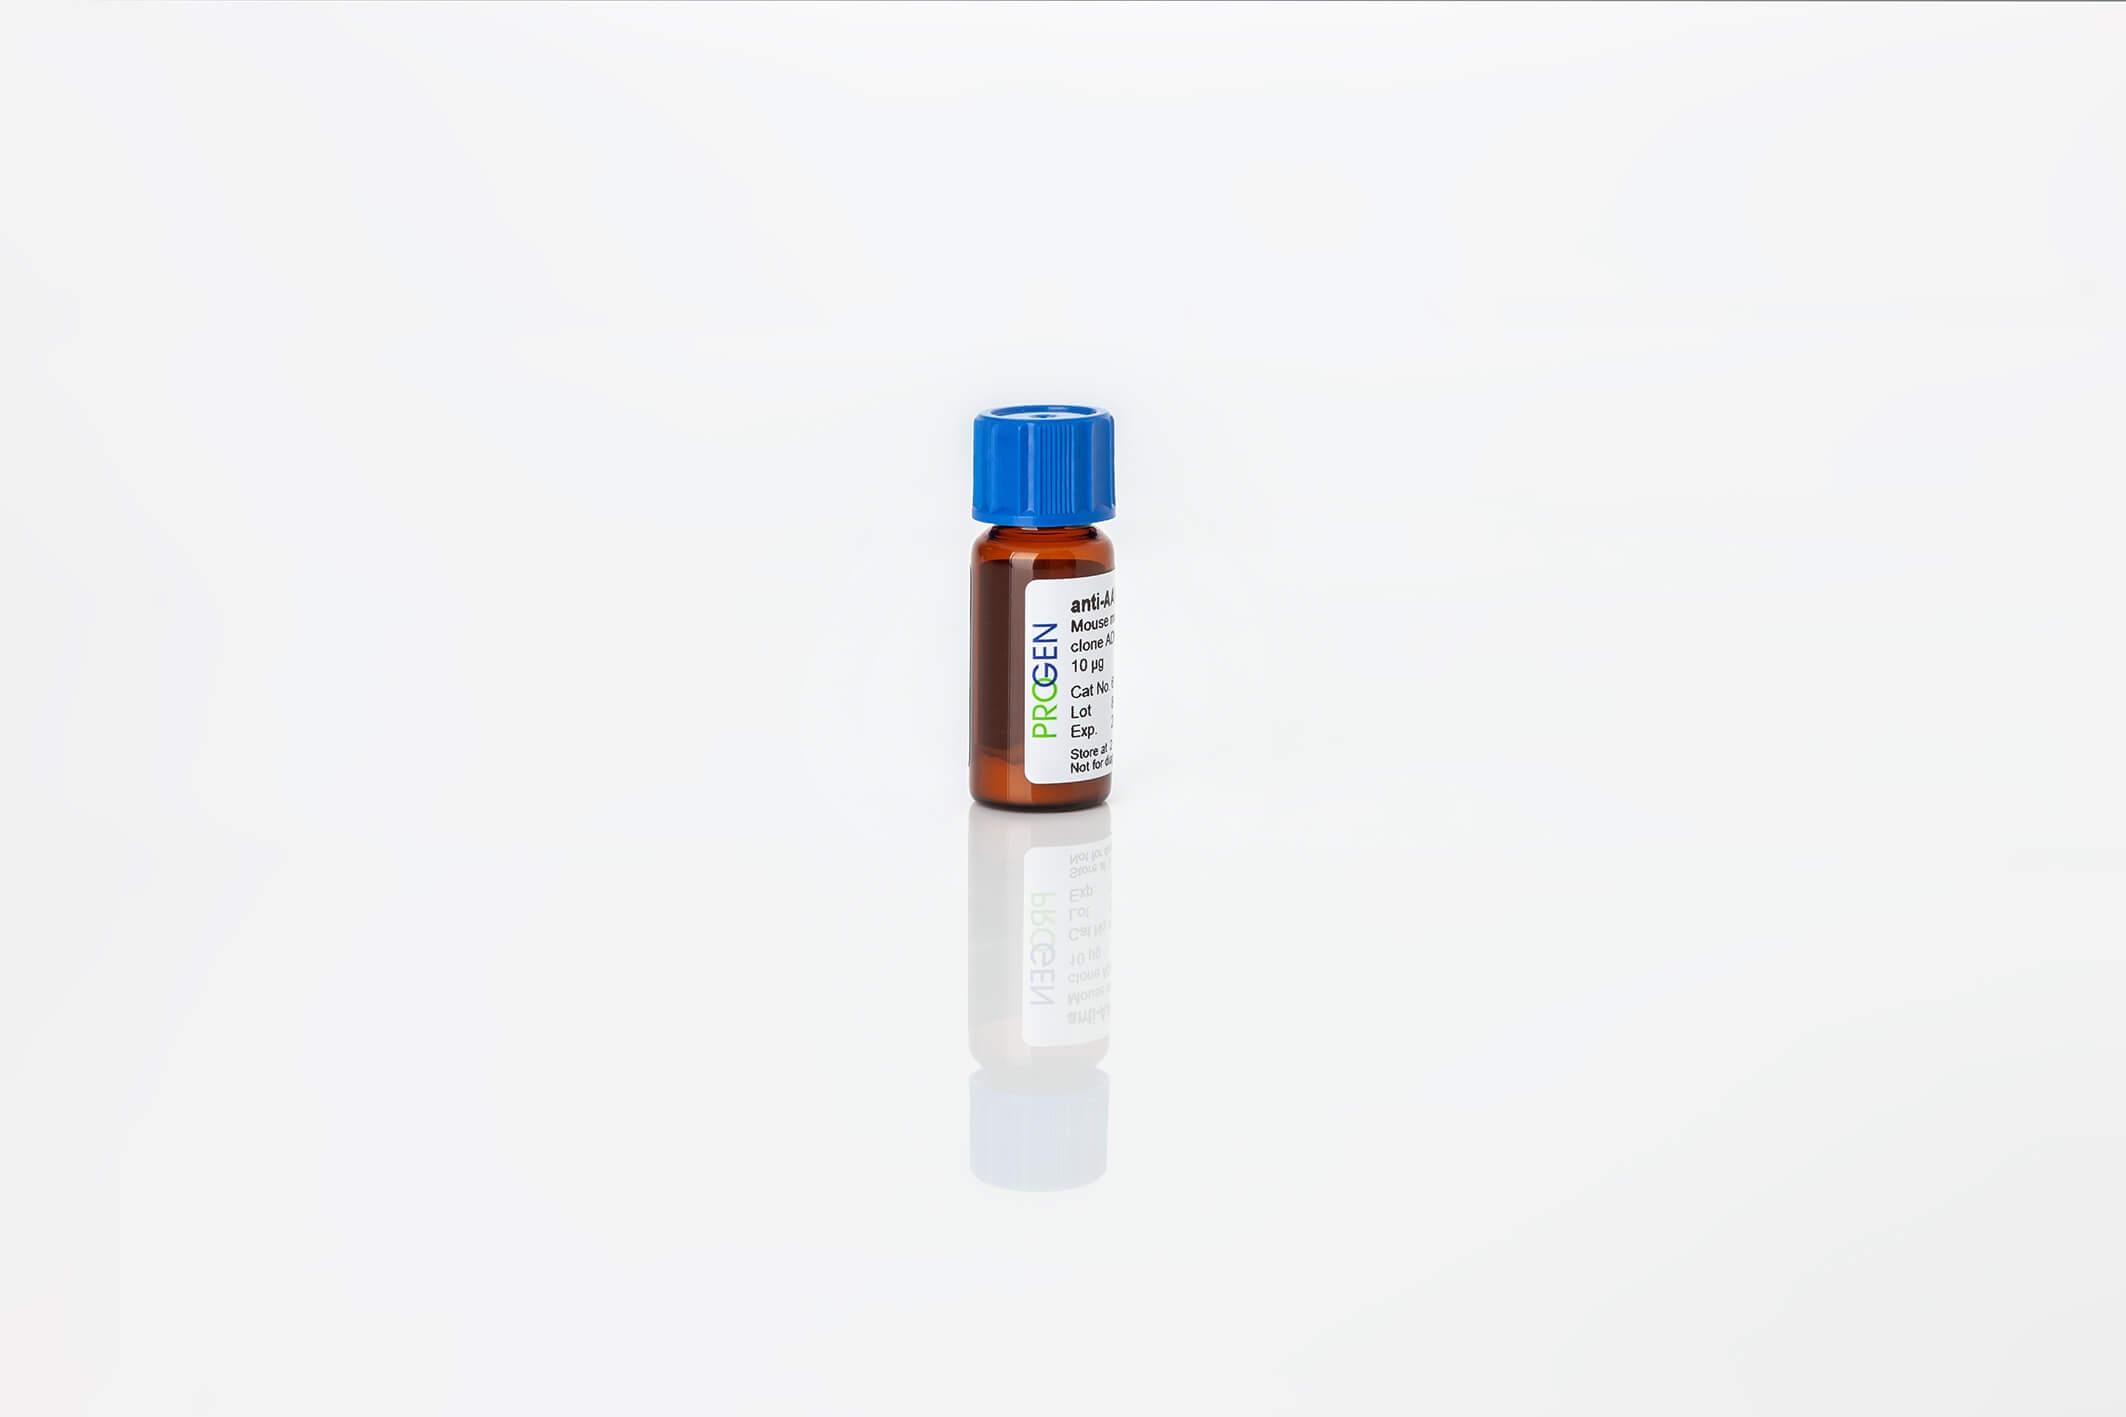 anti-Drebrin guinea pig polyclonal, serum